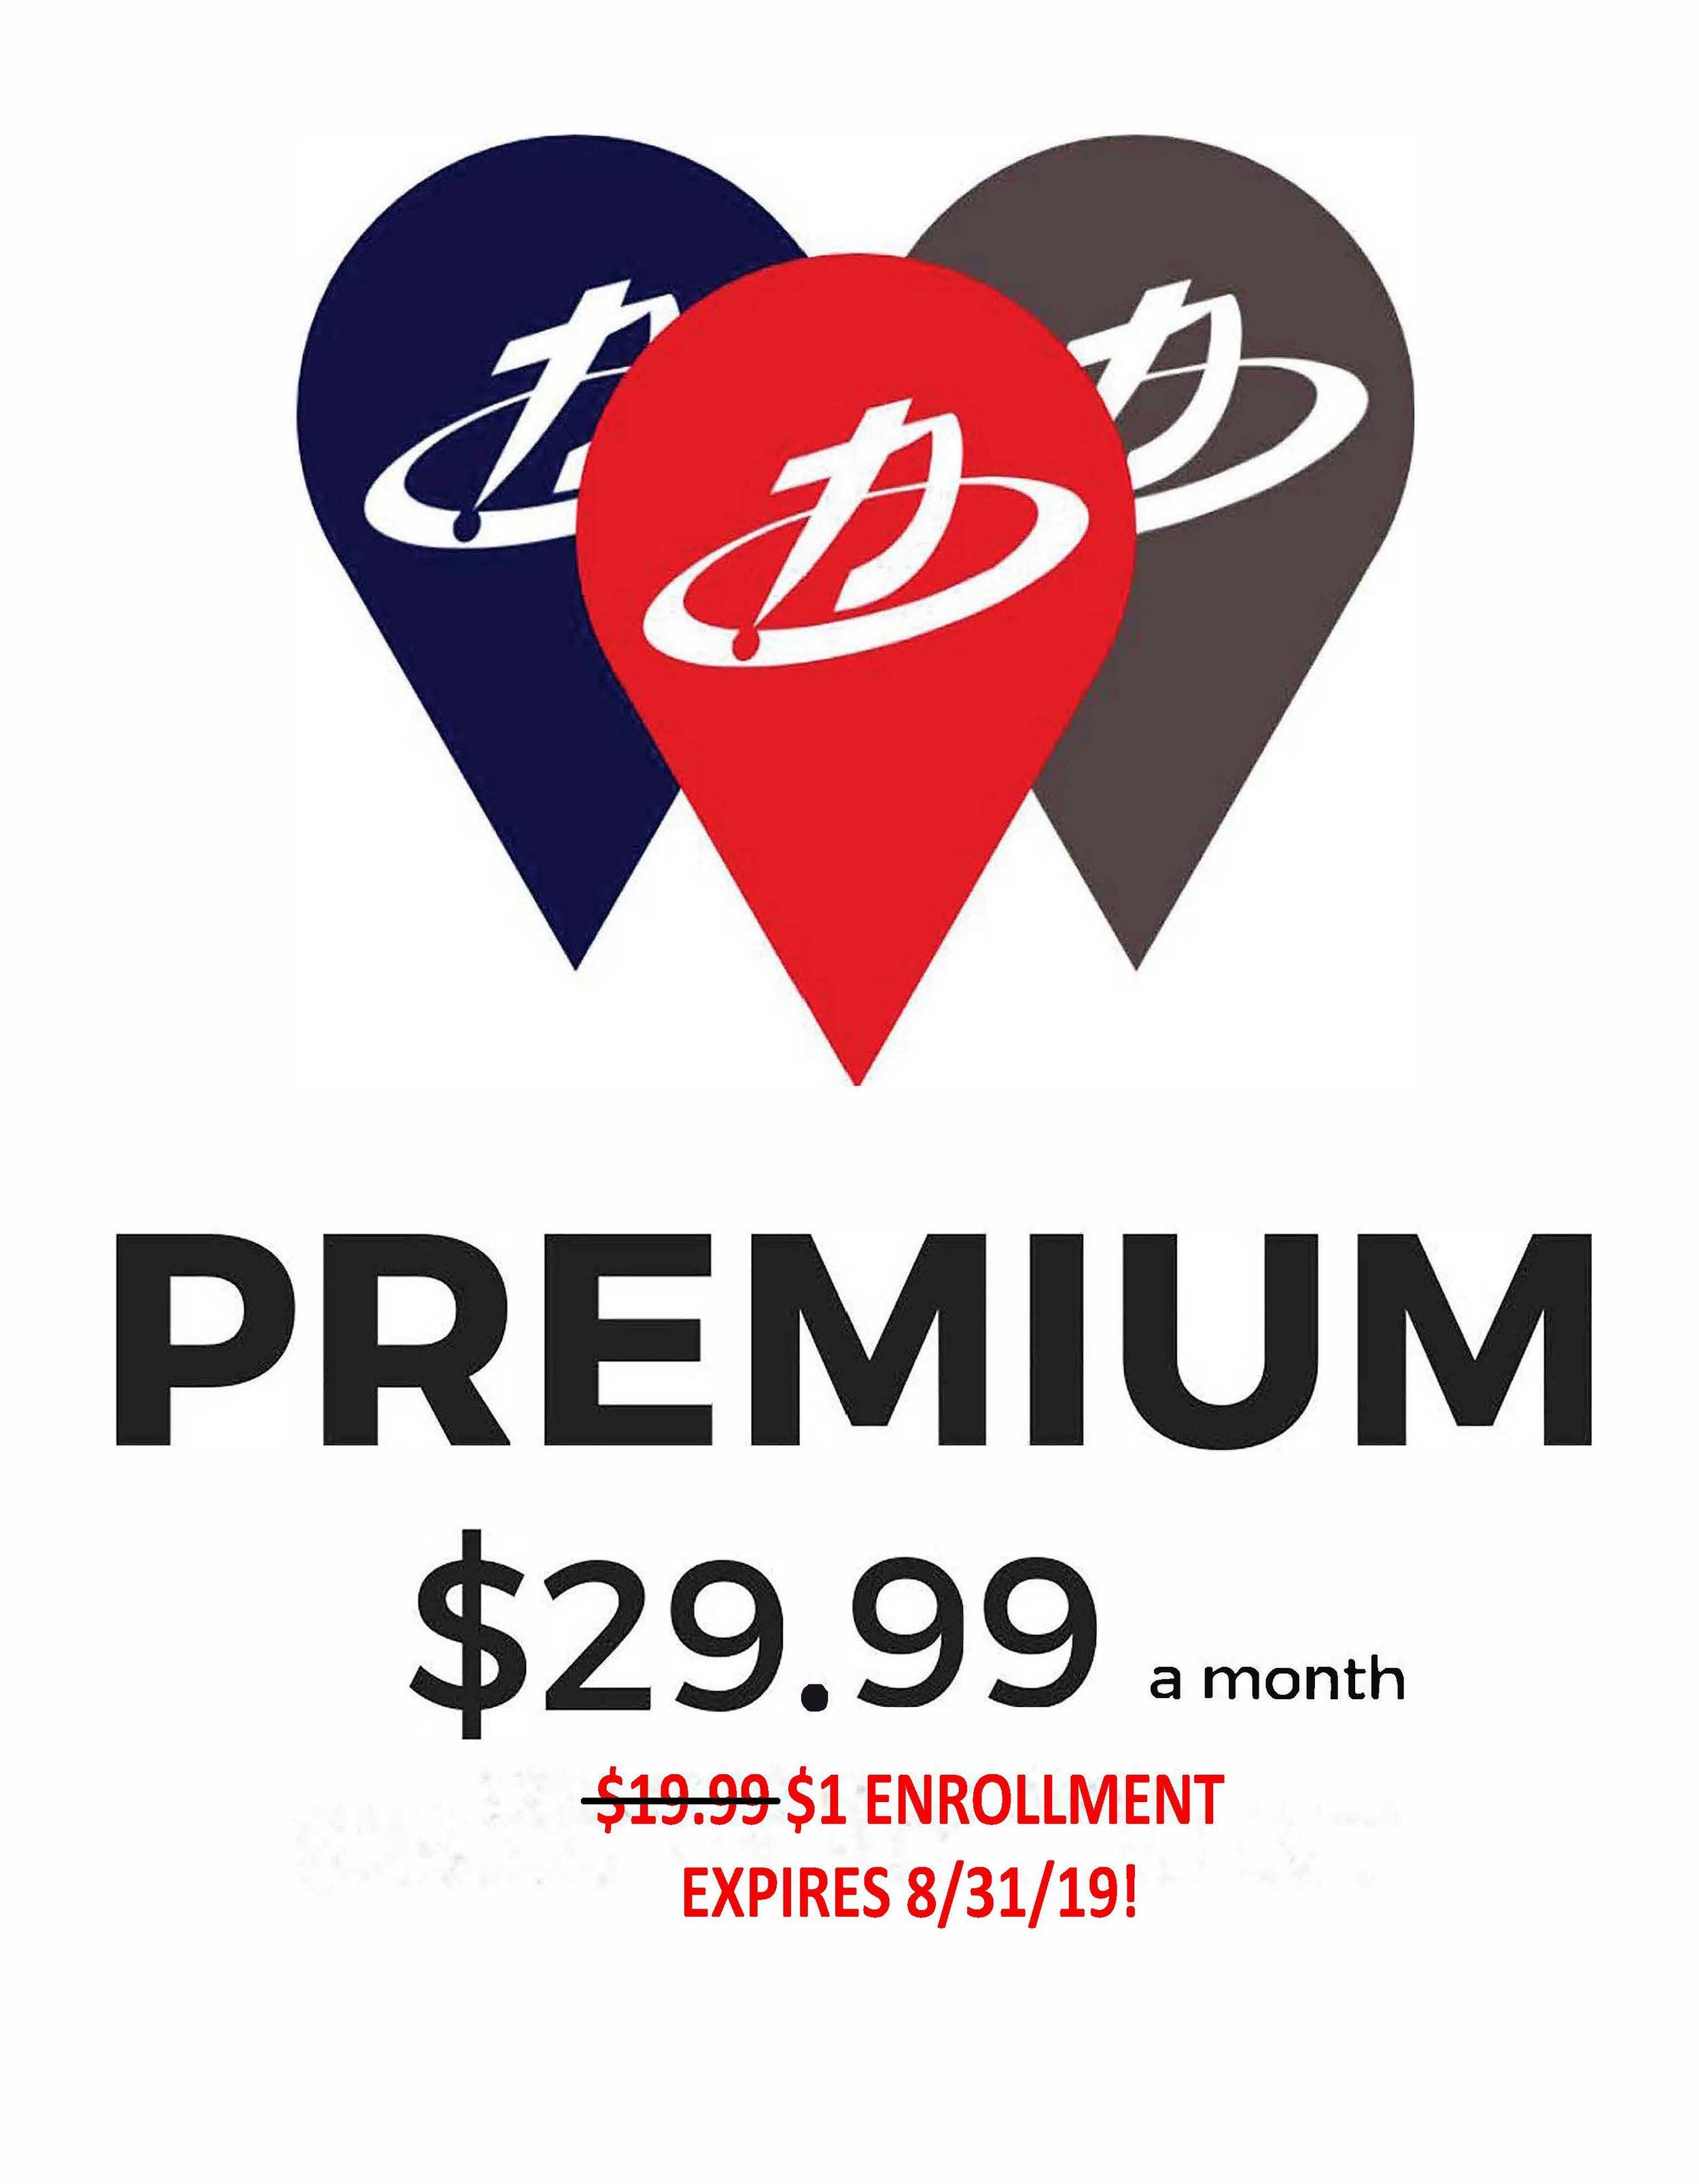 premium.8-31-19.jpg